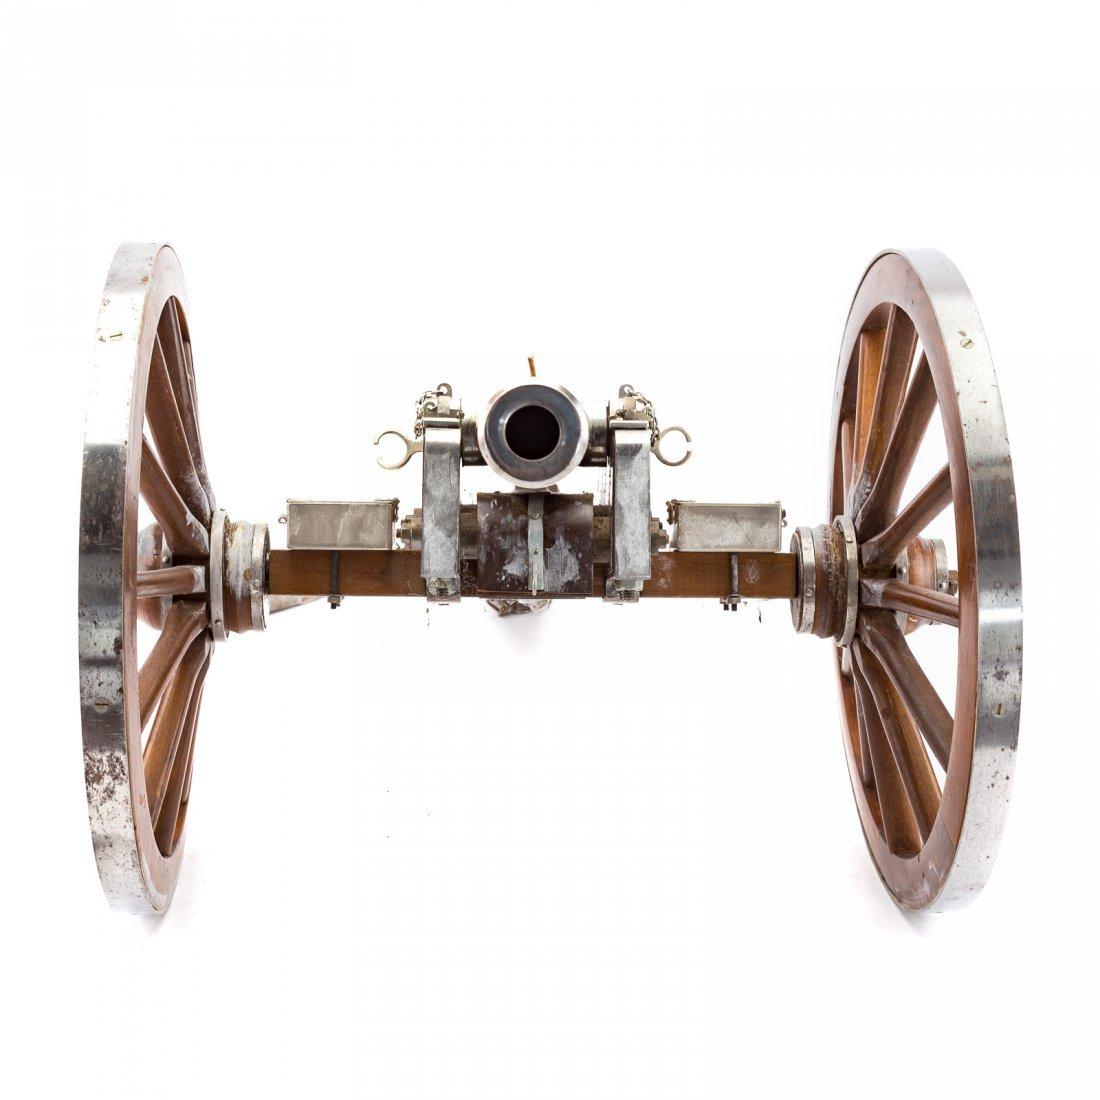 Miniature working replica of Dahlgren cannon - 3